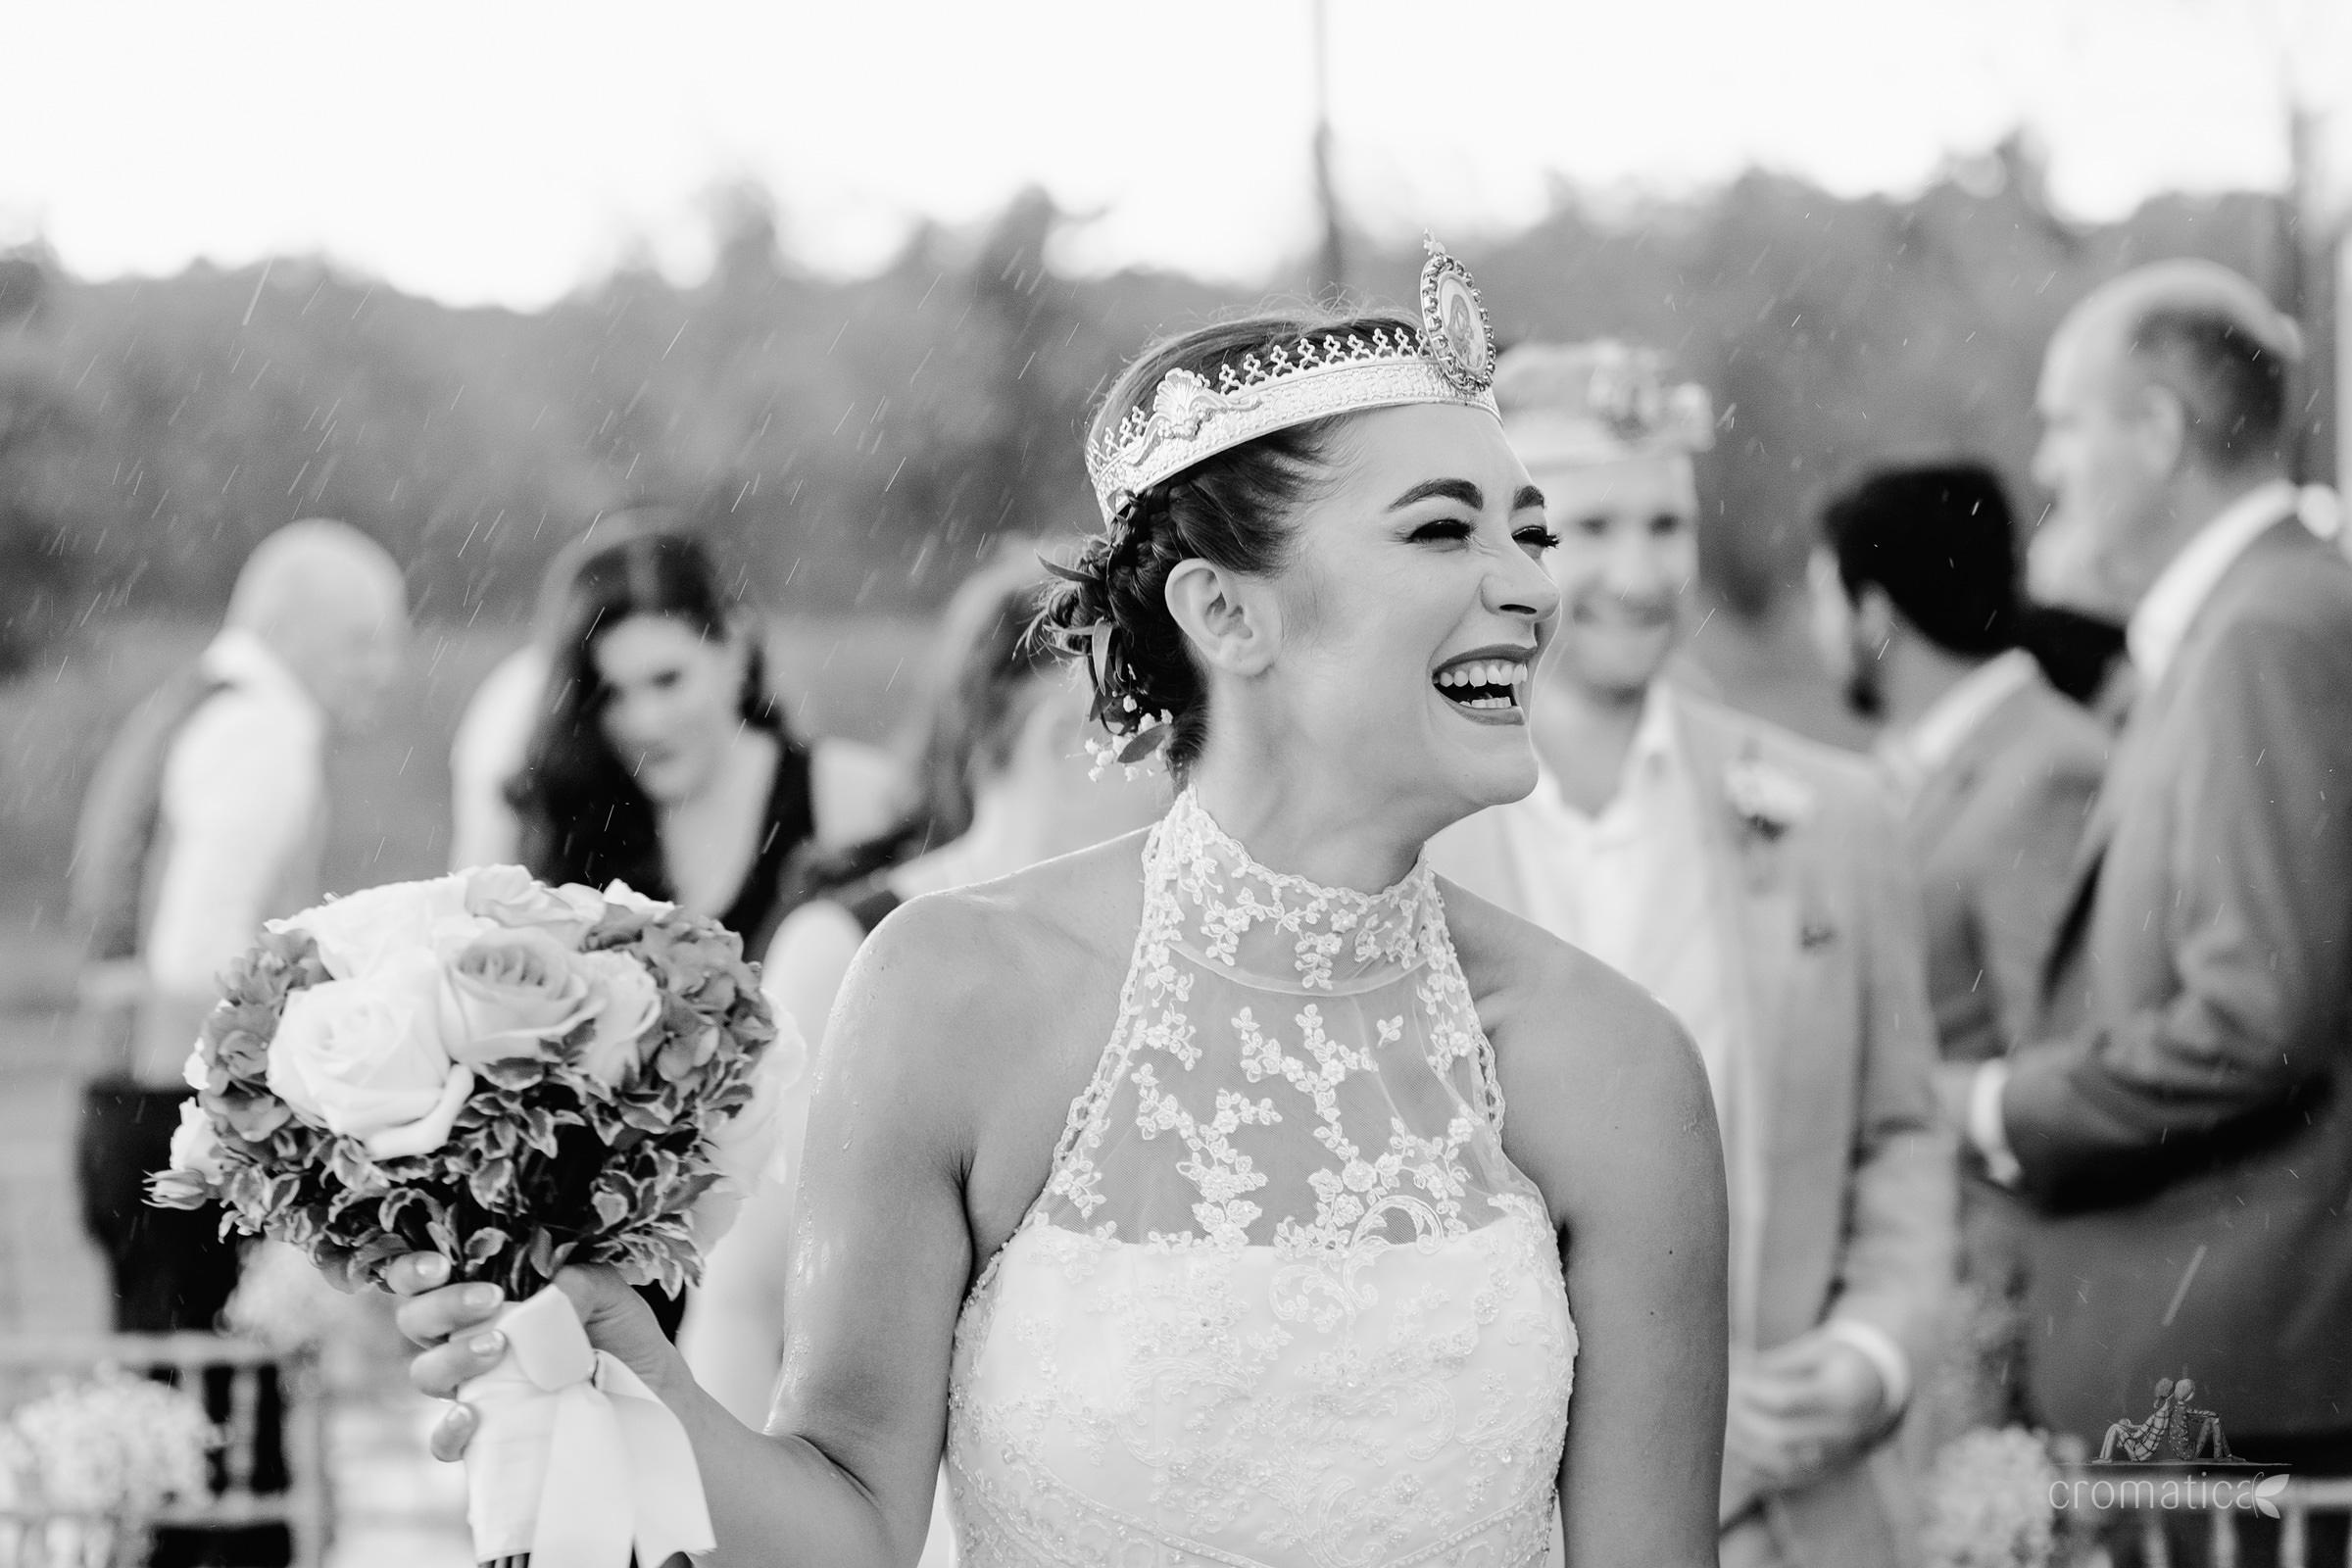 georgiana robert fotografii nunta casa vlasia 050